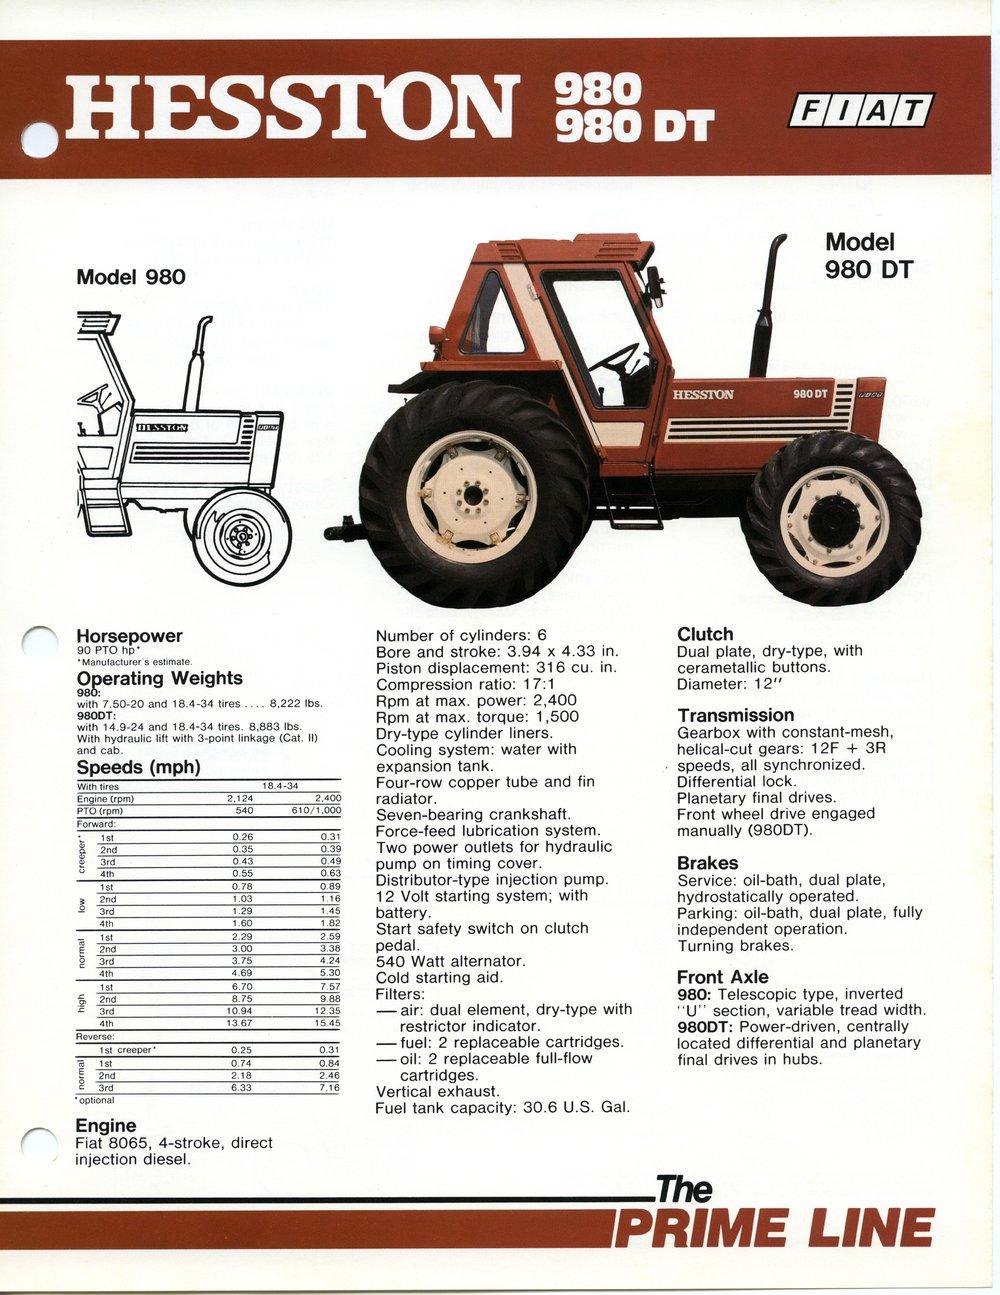 Prime Line Hesston Model 980, 980DT FIAT equipment flyer, Hesston, Kansas